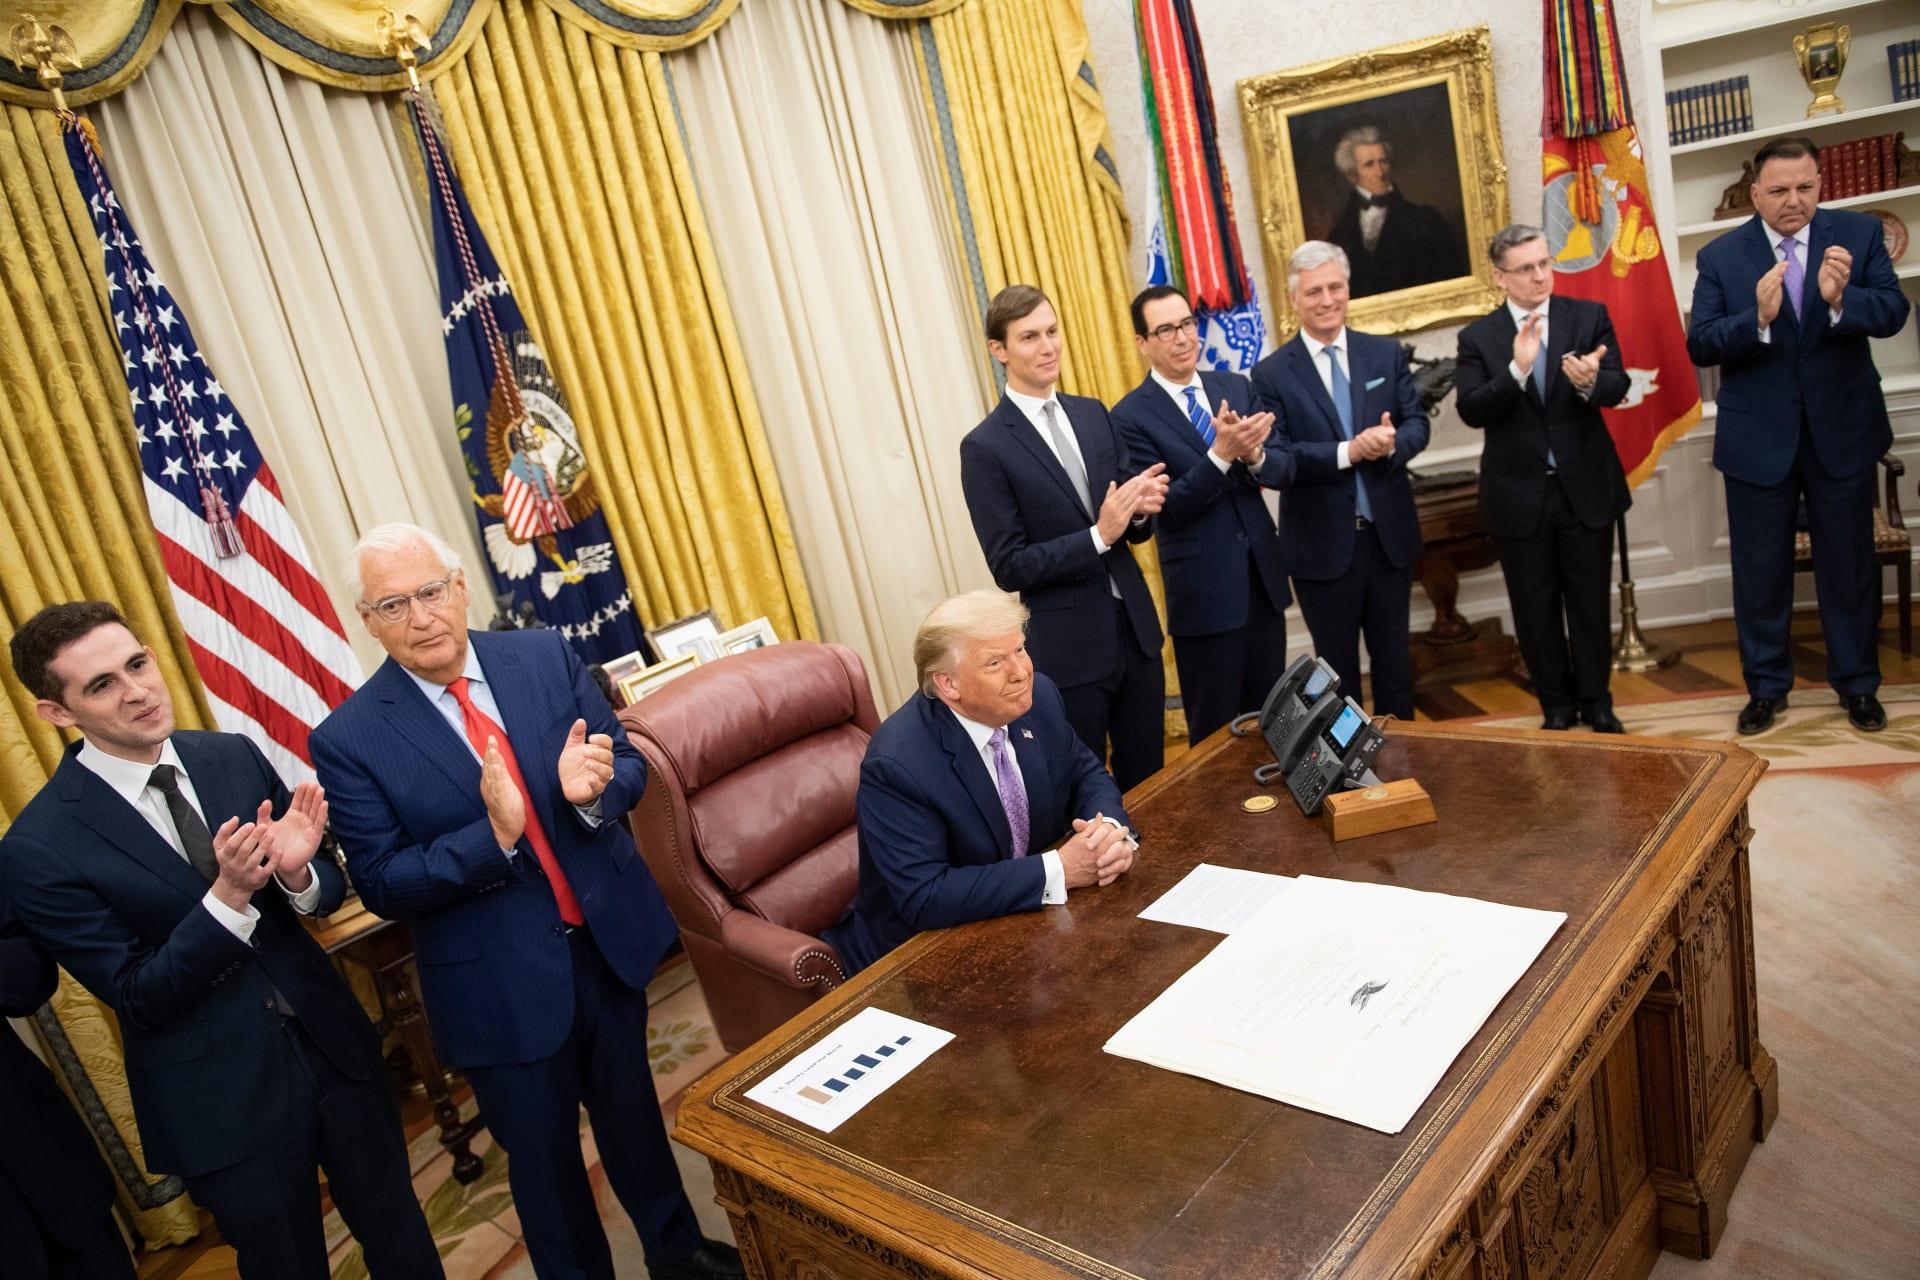 الرئيس الأمريكي دونالد ترامب خلال الإعلان عن اتفاق السلام بين إسرائيل والإمارات